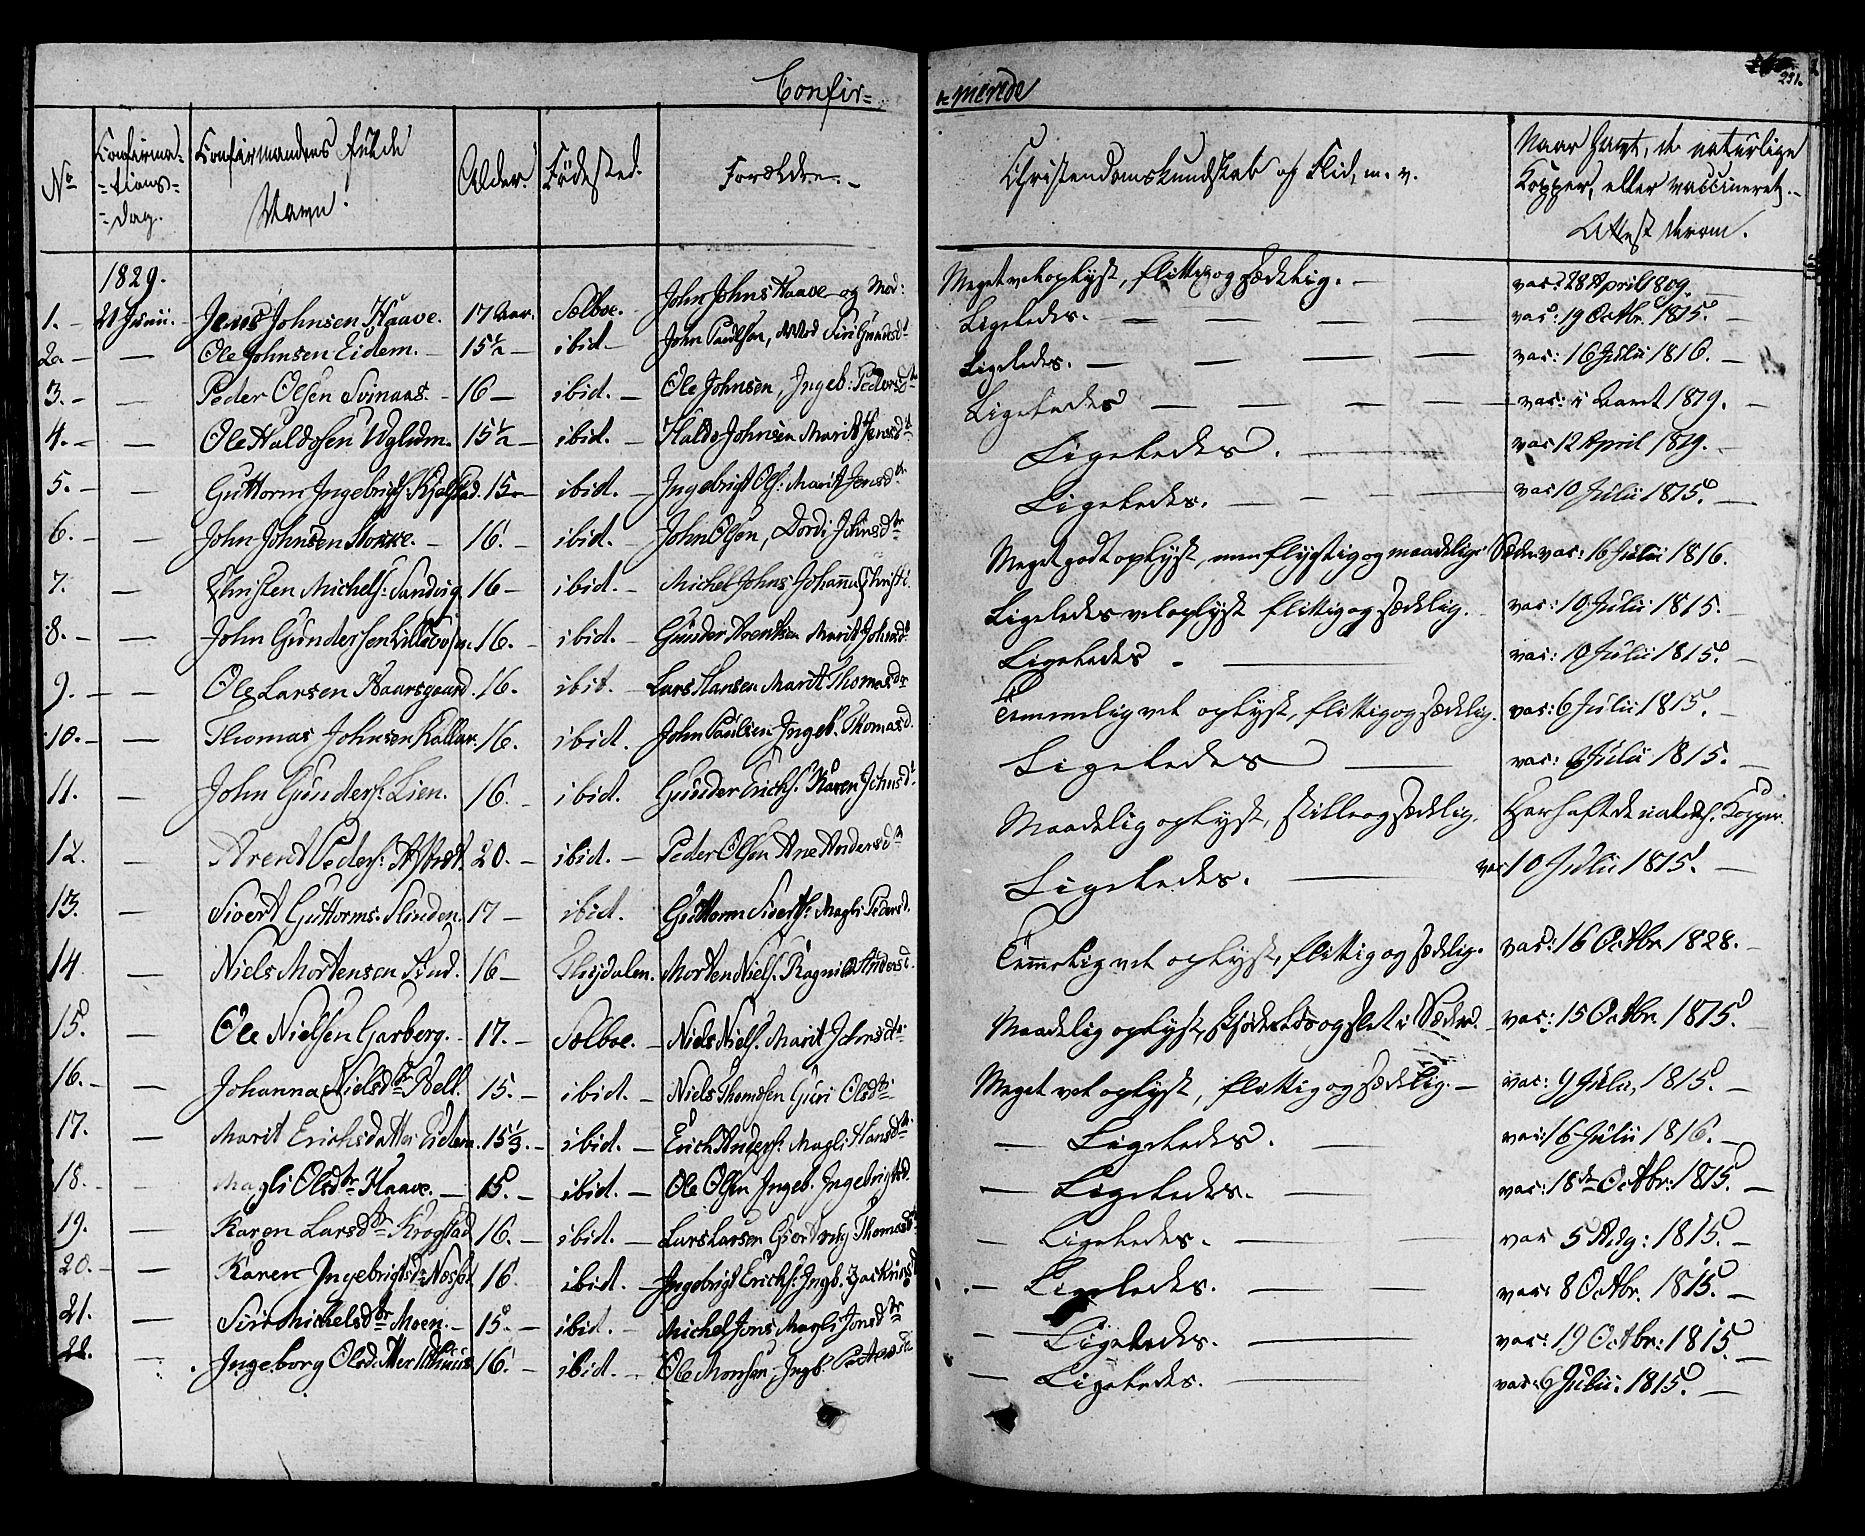 SAT, Ministerialprotokoller, klokkerbøker og fødselsregistre - Sør-Trøndelag, 695/L1143: Ministerialbok nr. 695A05 /1, 1824-1842, s. 251